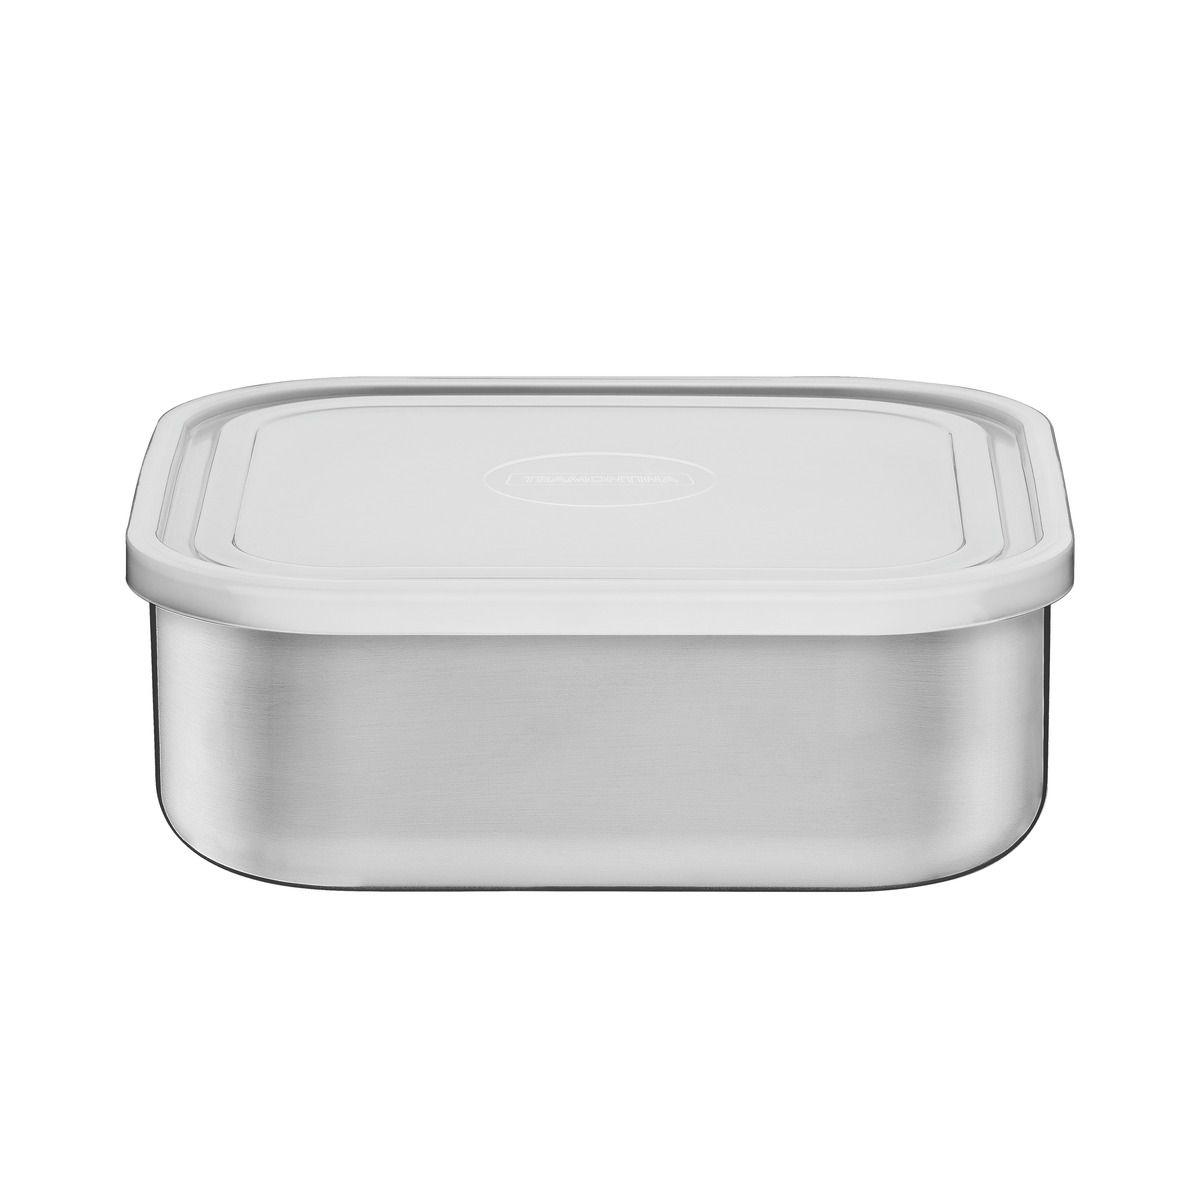 Pote Tramontina Freezinox em Aço Inox Quadrado com Tampa Plástica 23 cm 3,6 L 61229/230 | Lojas Estrela